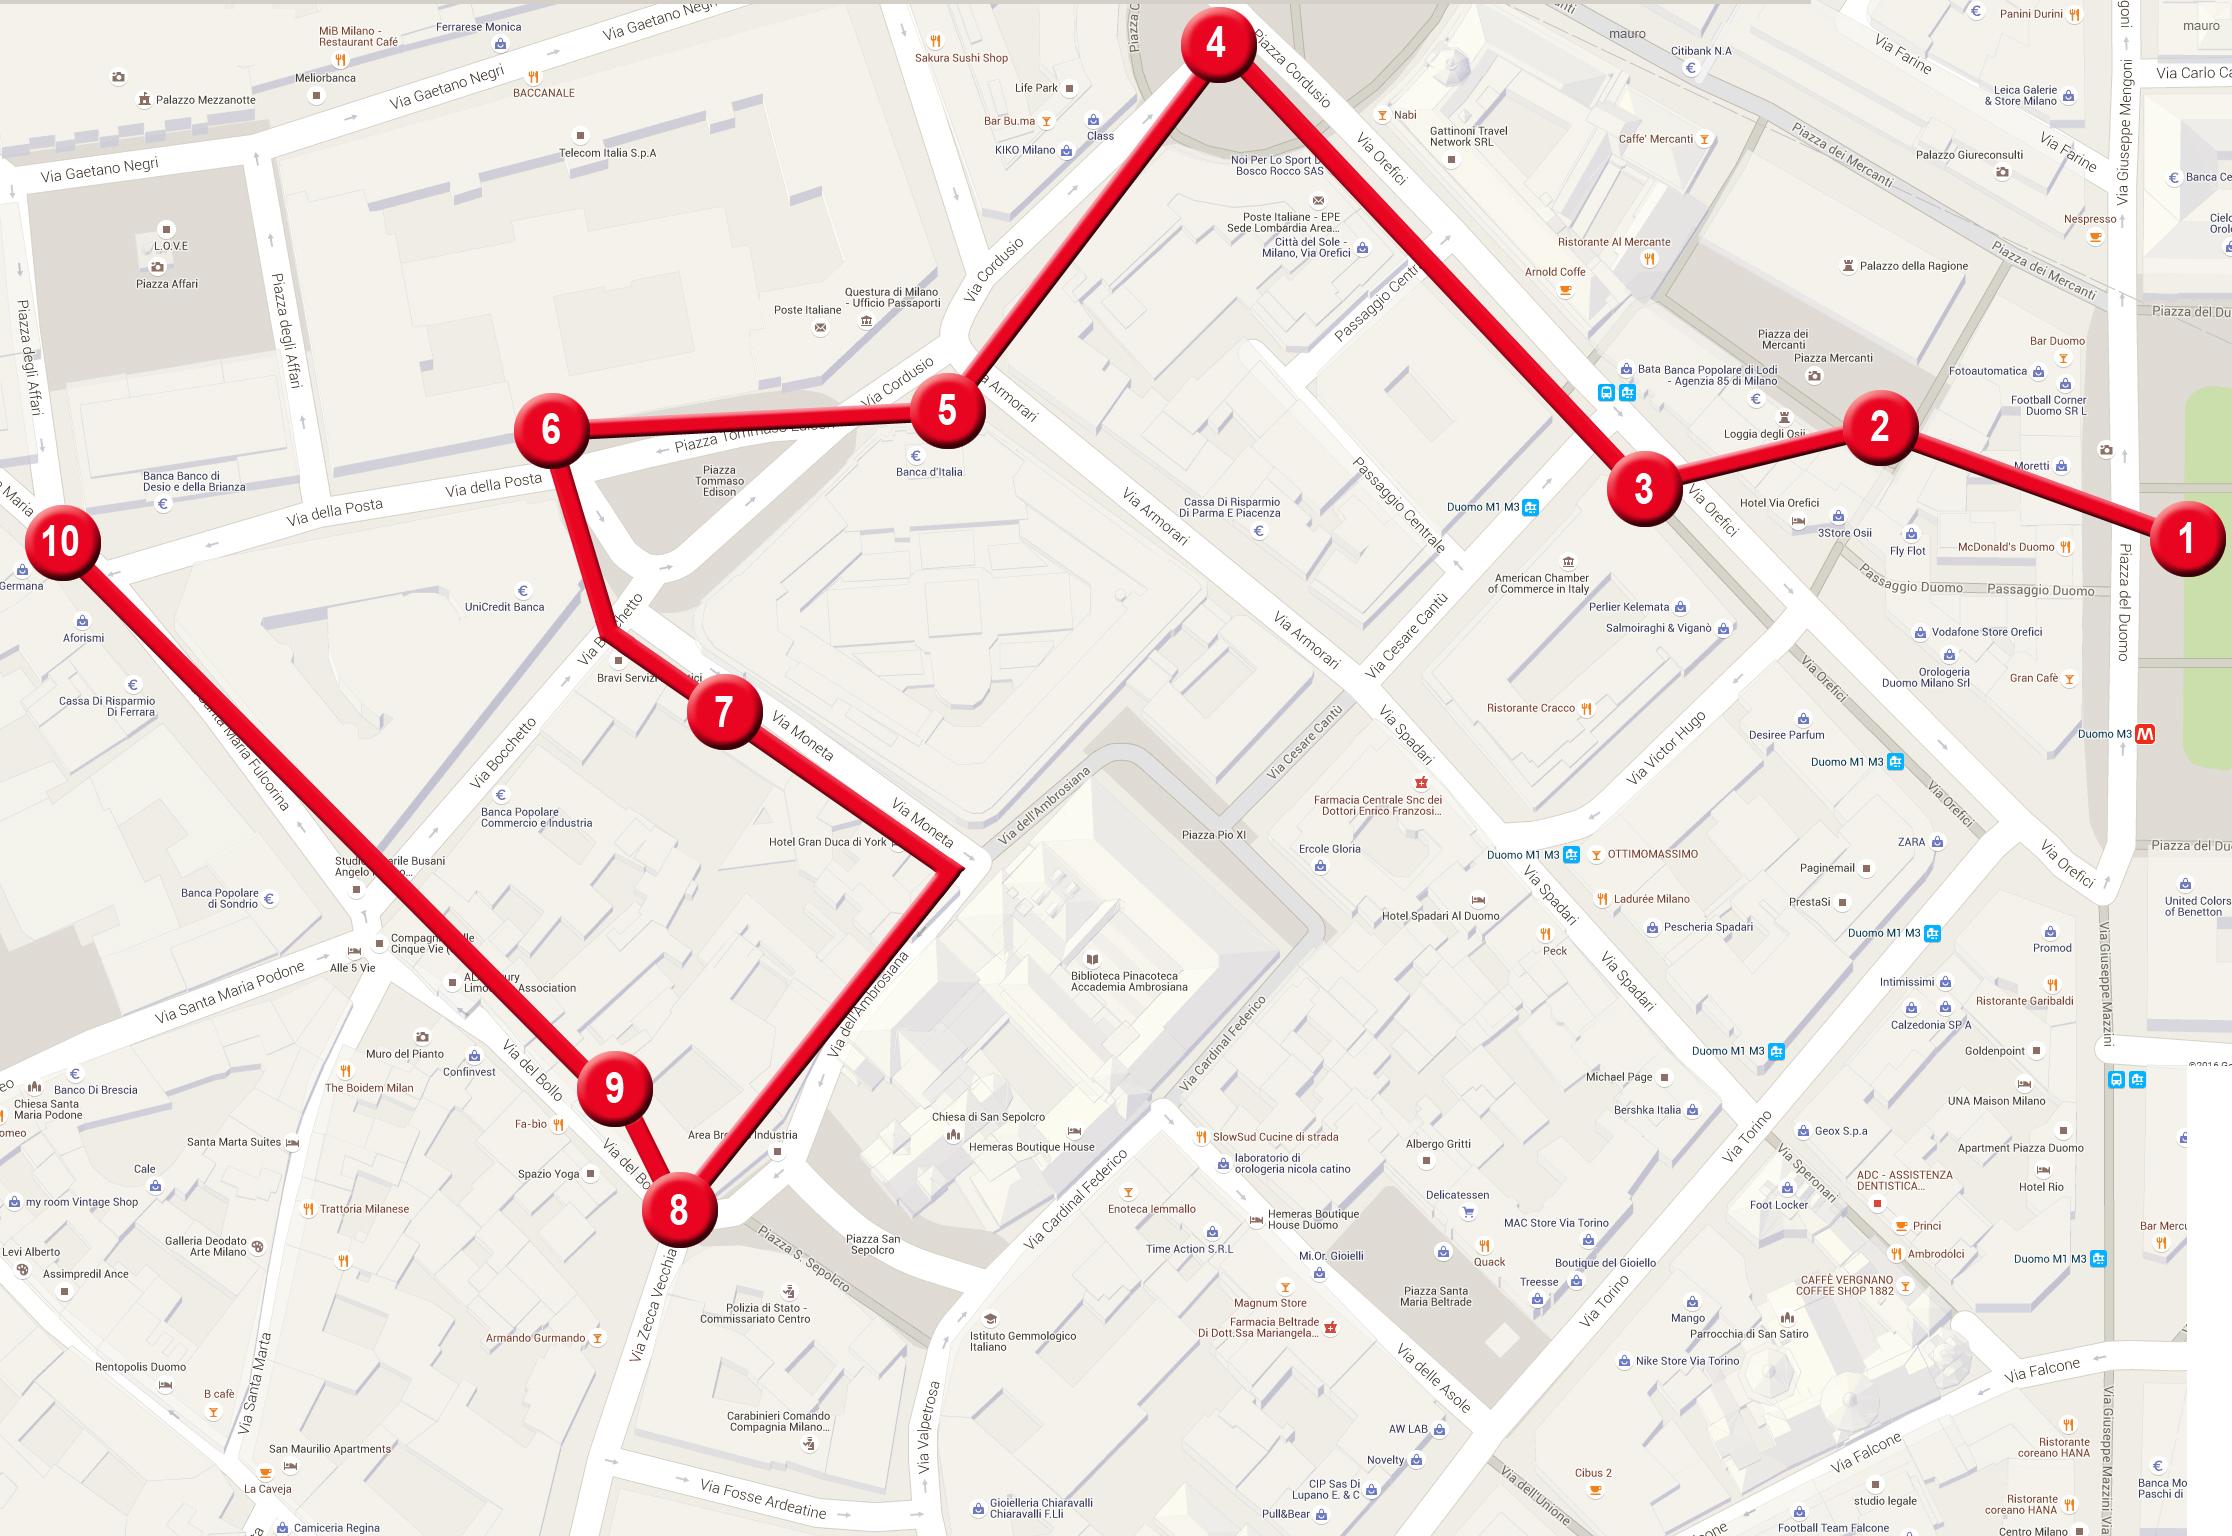 Seguendo i punti successivi delle tappe riportate sulla mappa vi guideremo per attraverso i tesori di Milano